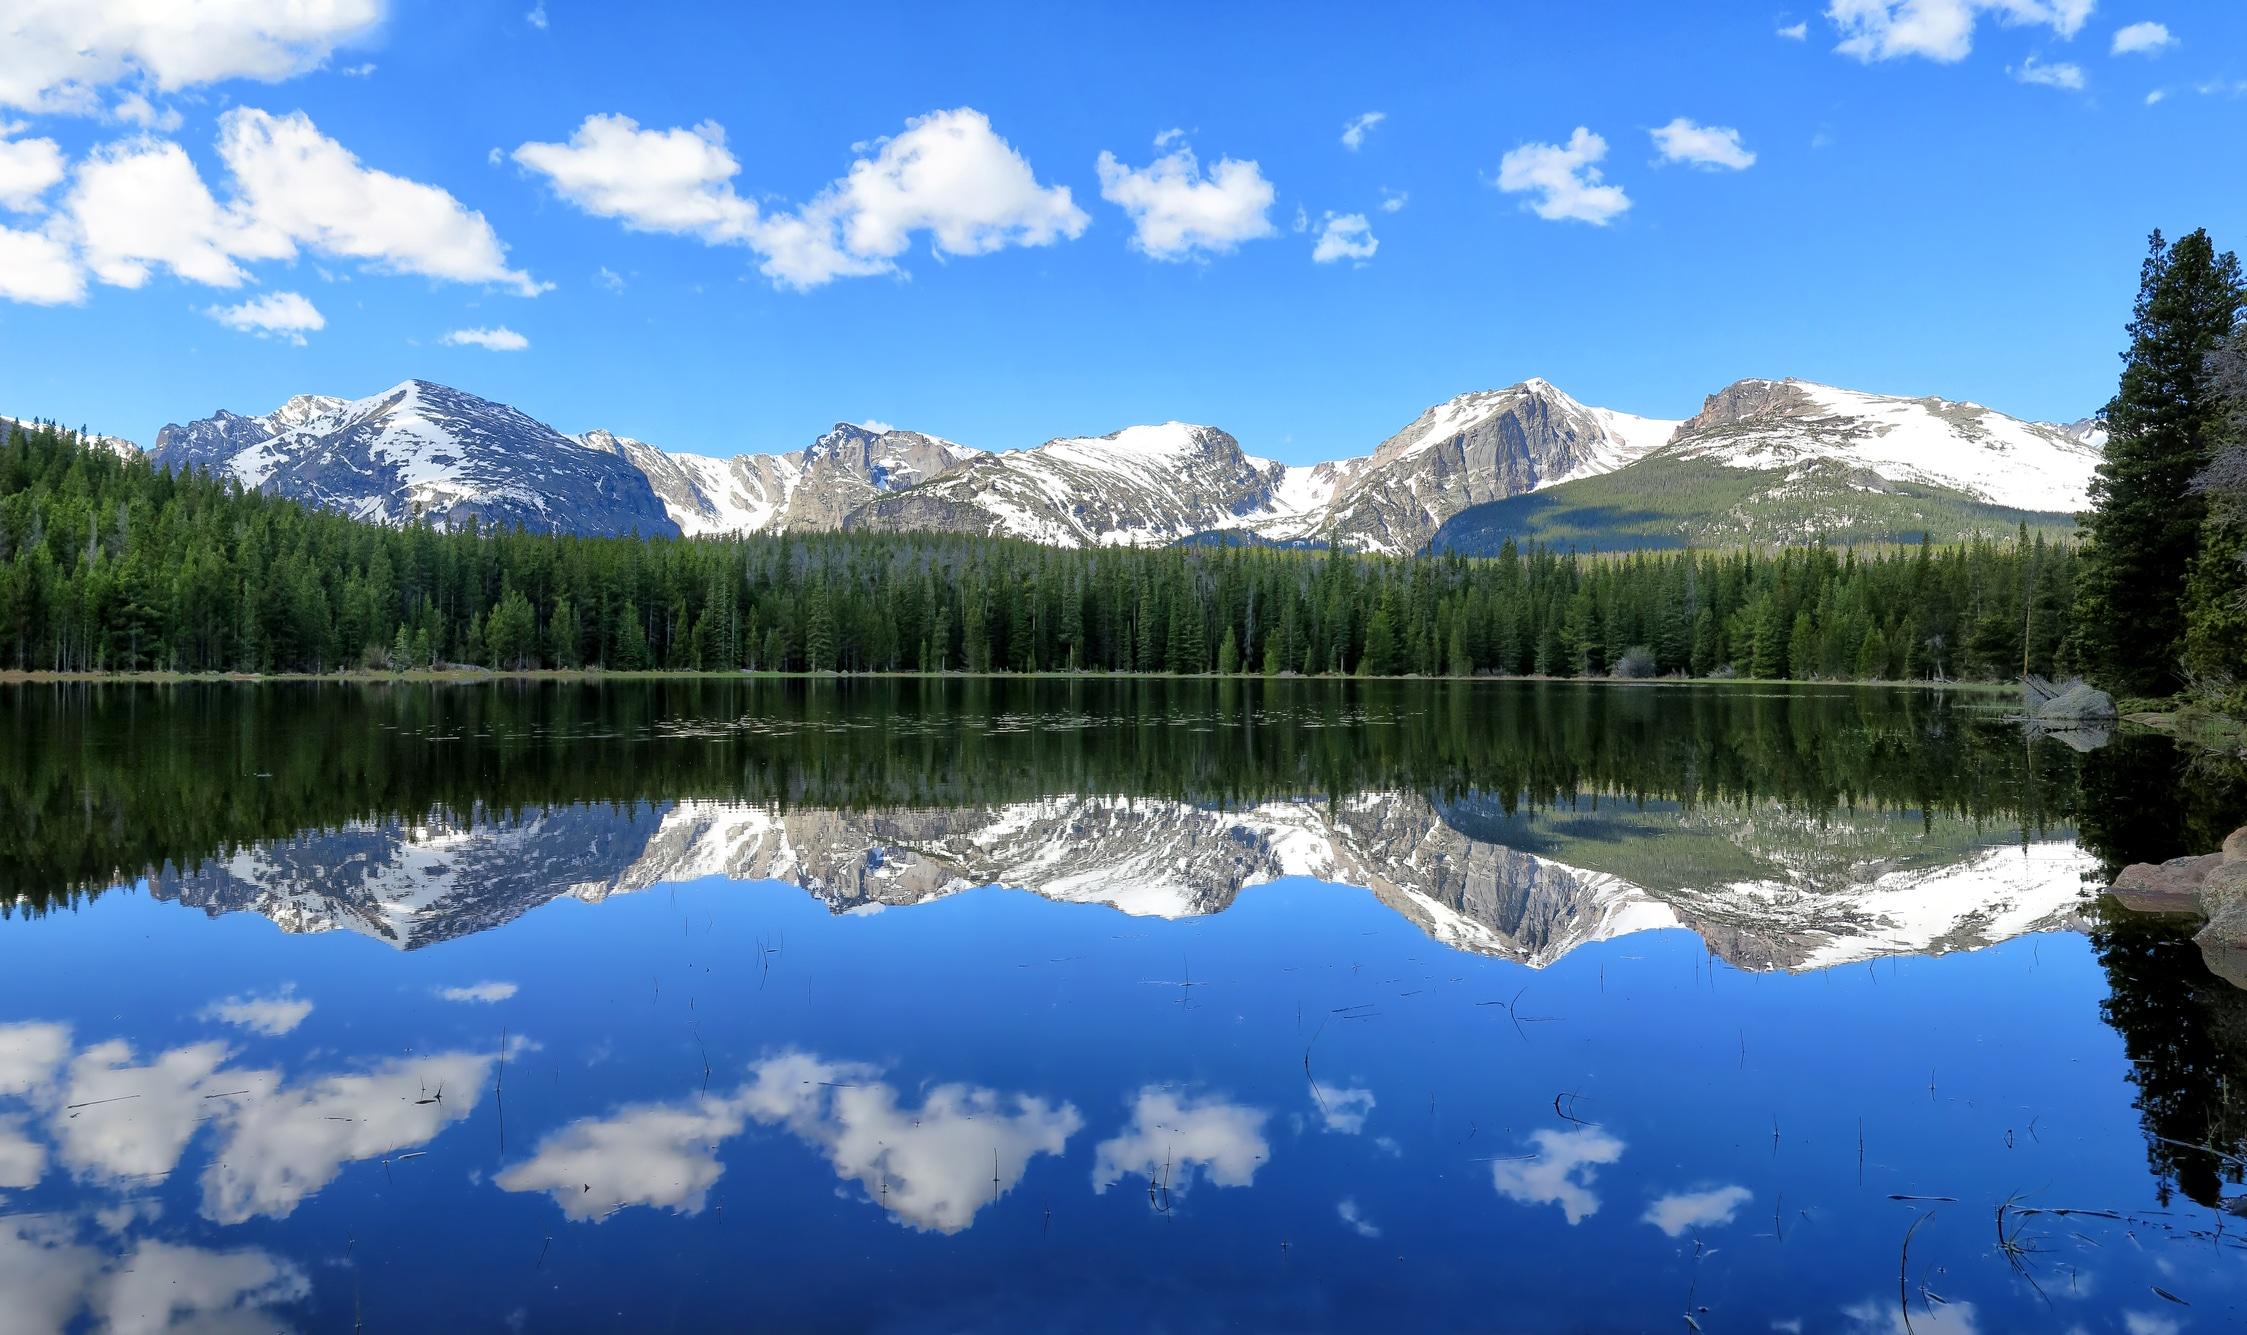 A lake reflects a snowcapped mountain range